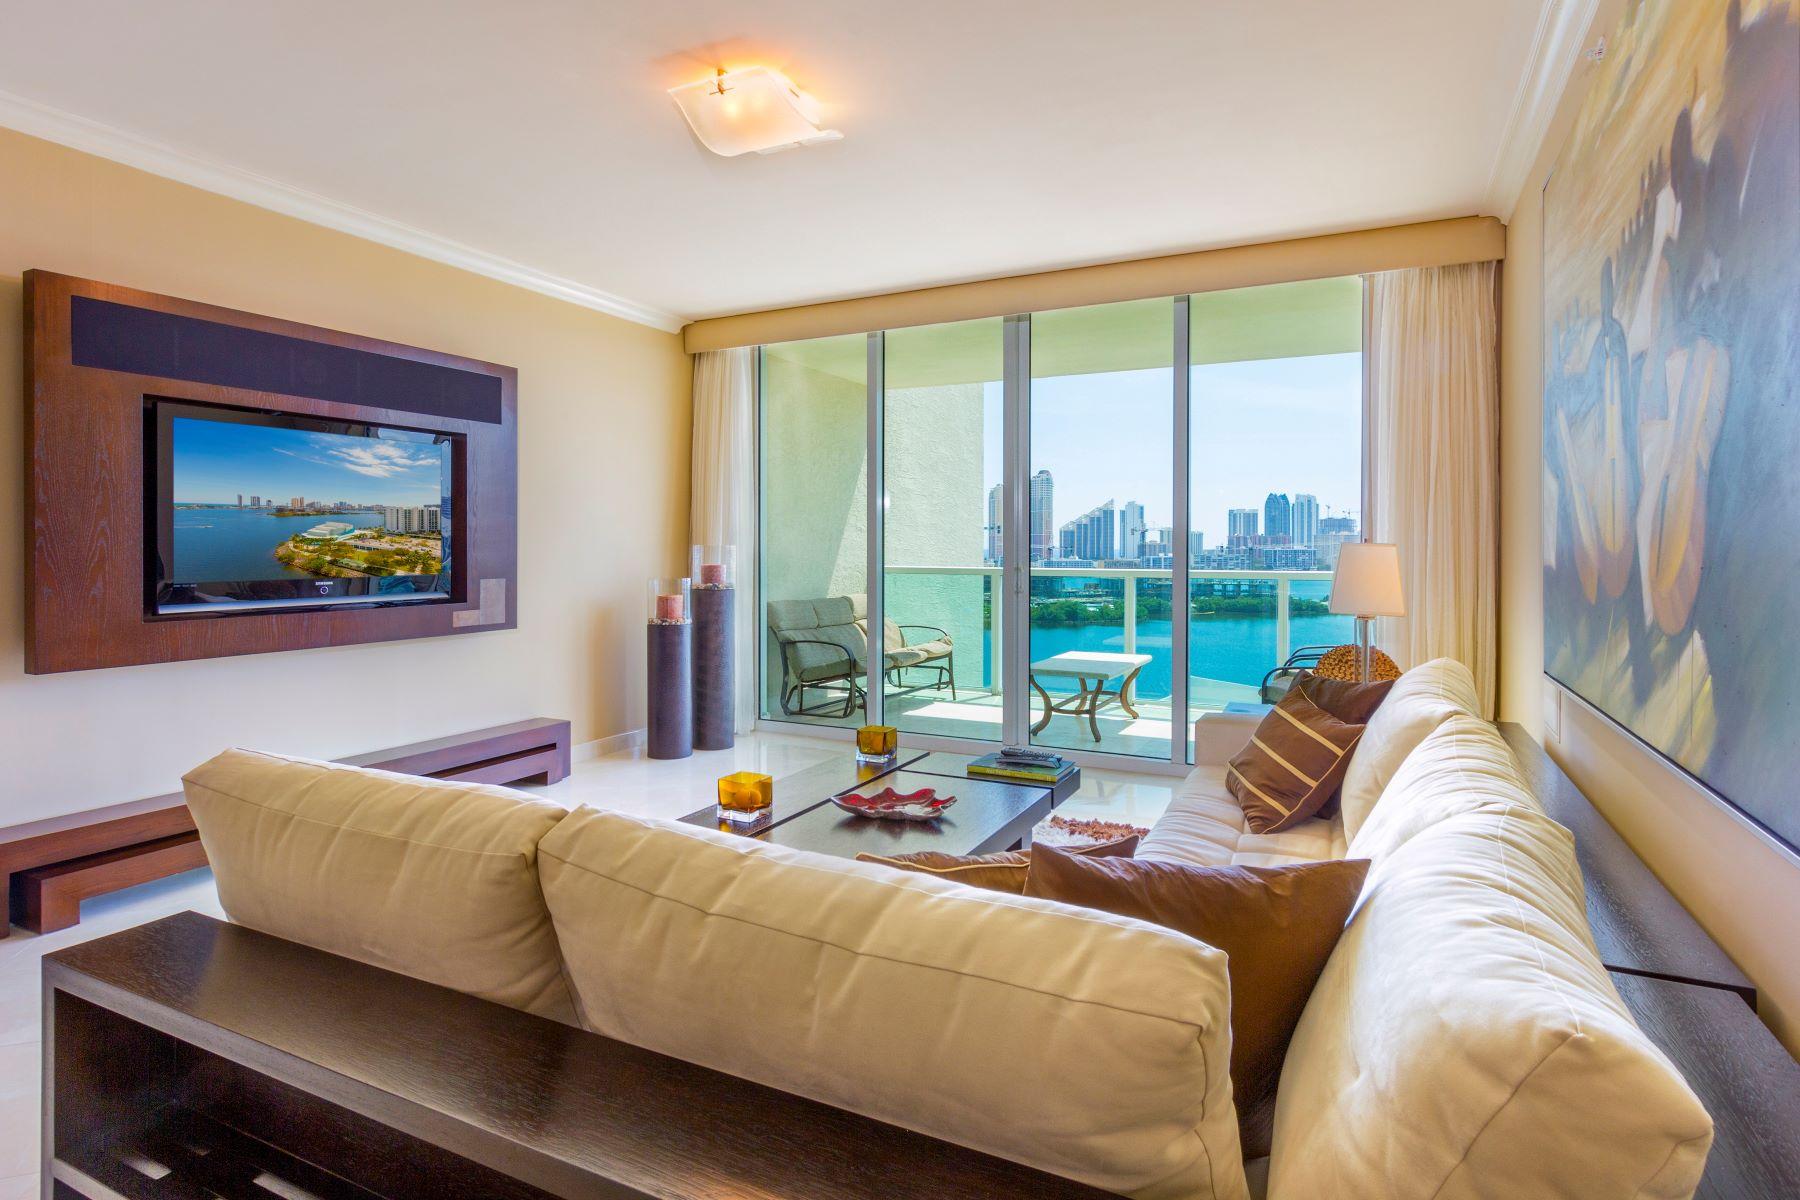 Condominium for Sale at 3330 NE 190 ST # 1417 3330 Ne 190 St 1417 Aventura, Florida, 33180 United States